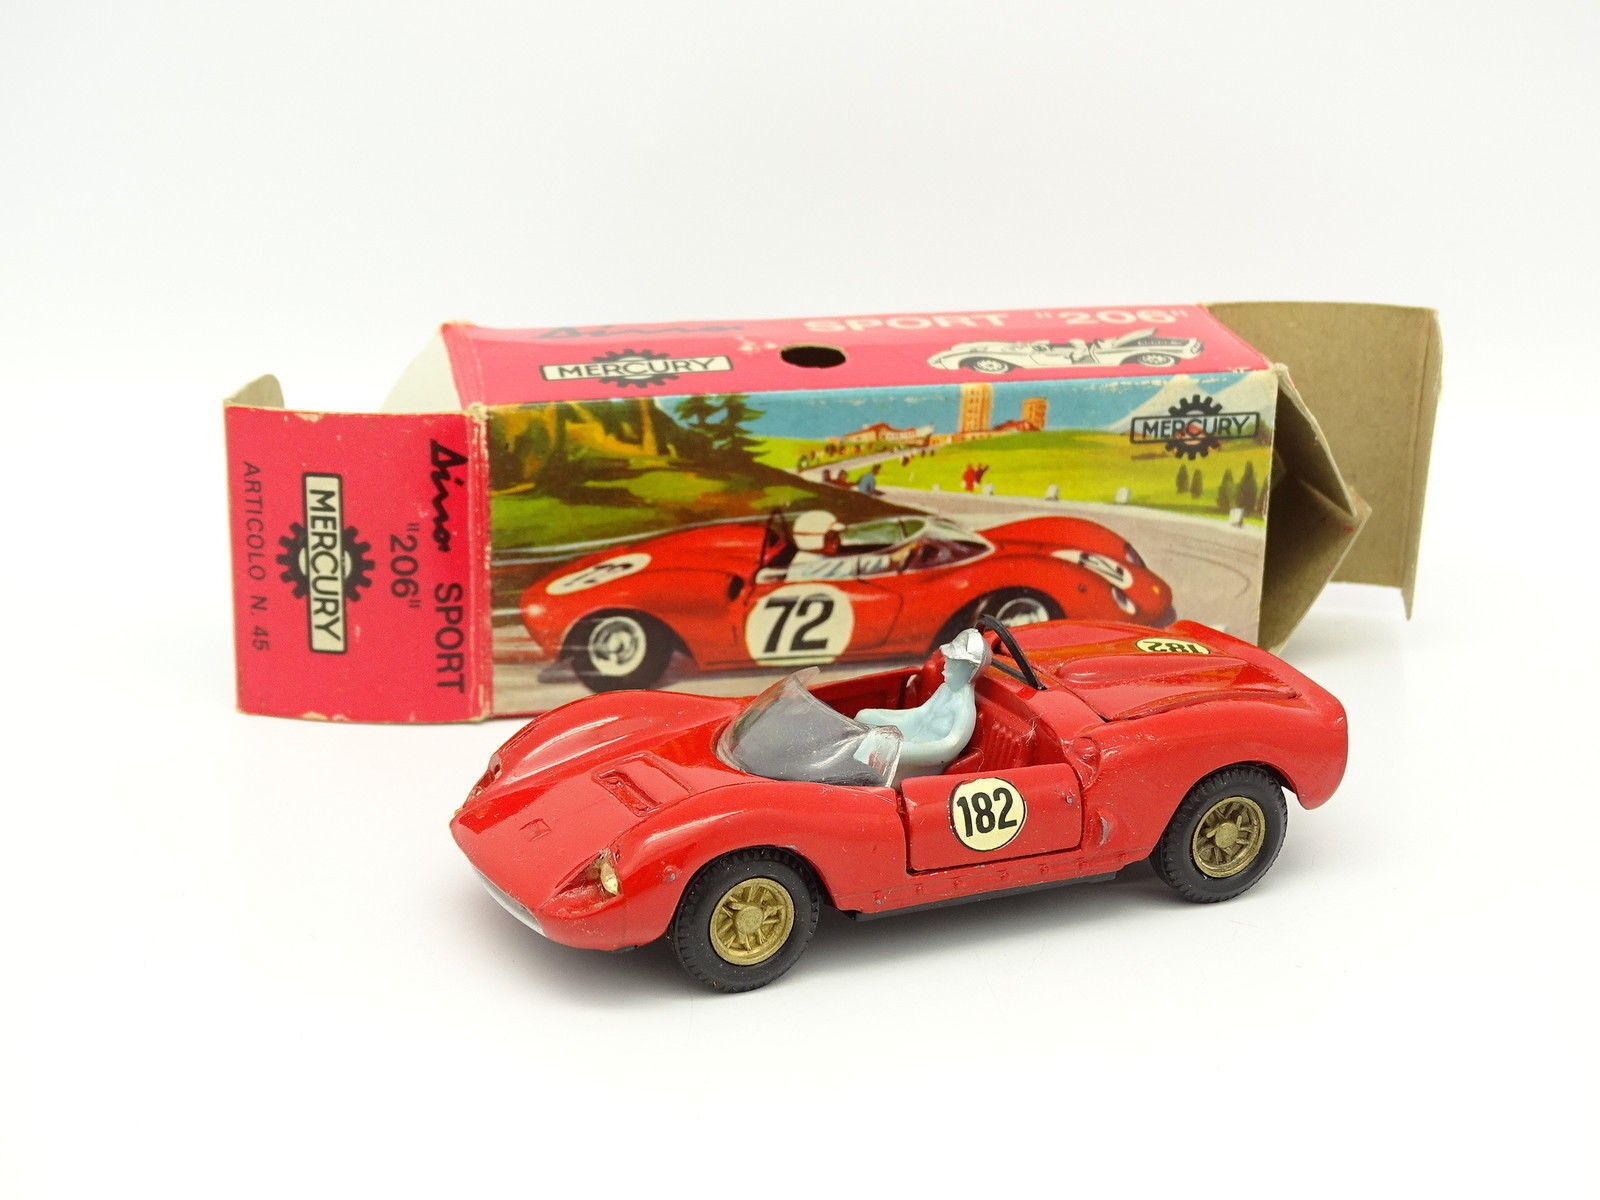 La nuit du carnaval de Noël, plus la nuit est excitante Mercury 1/43 - Ferrari Sport Dino 206 Art45 | Shopping Online